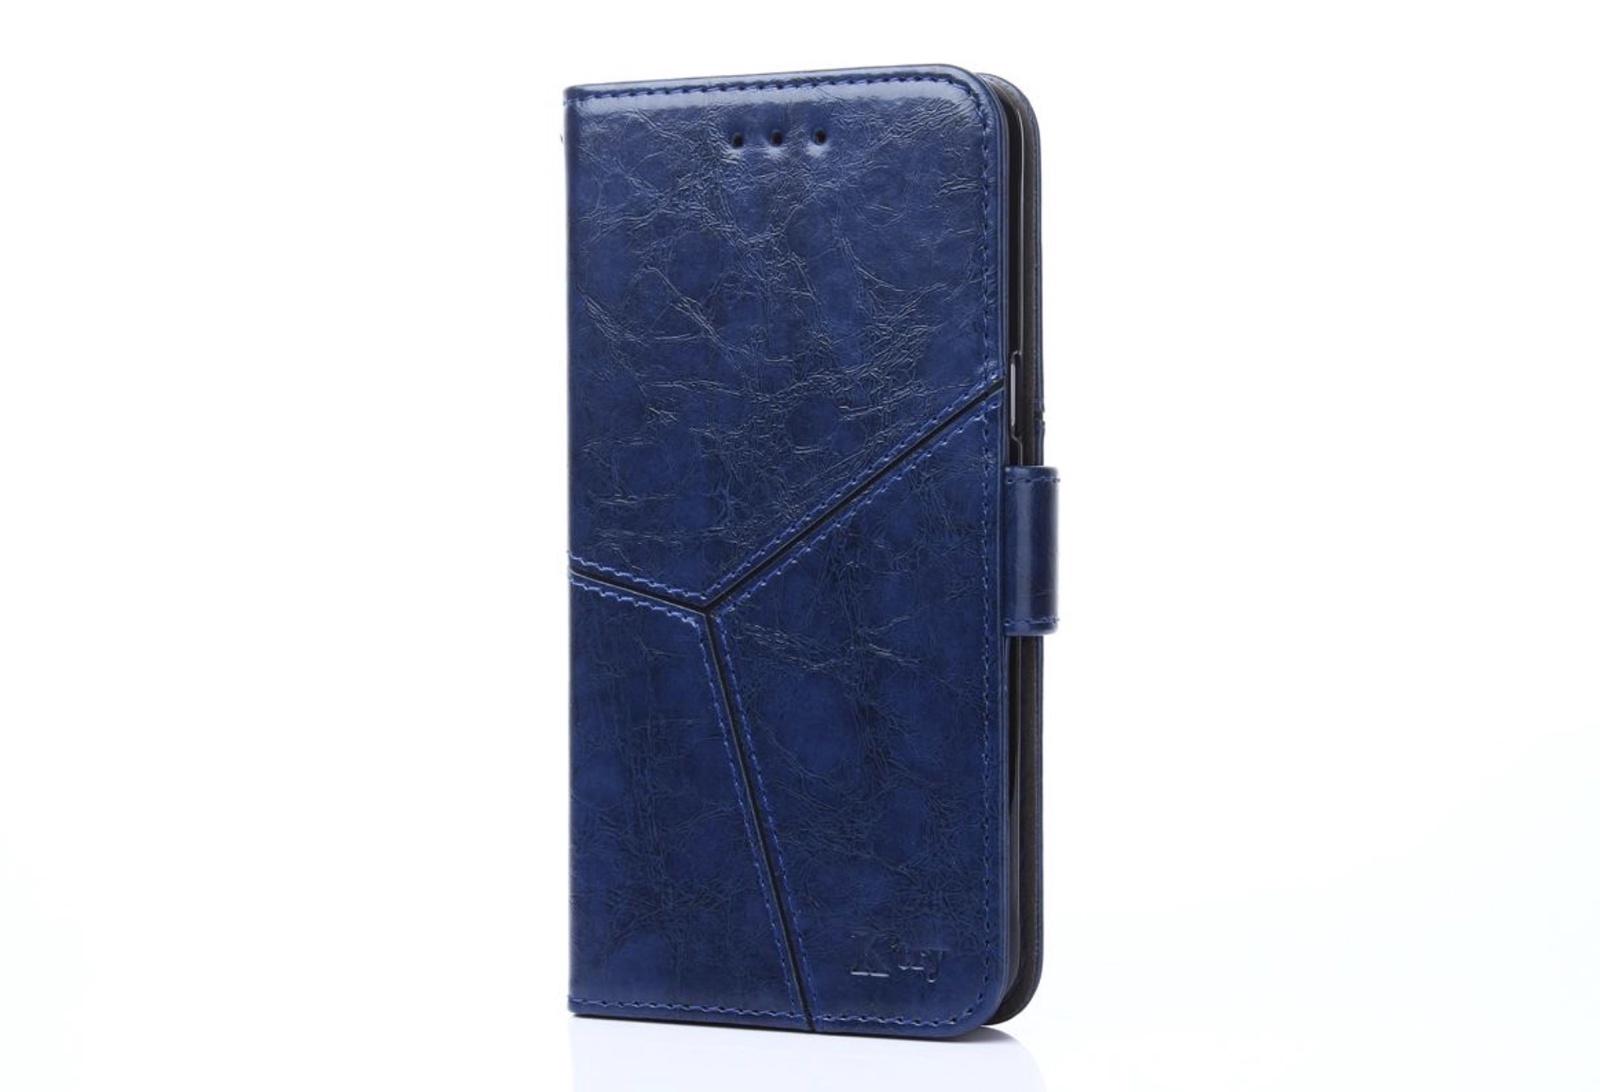 Чехол-книжка MyPads для Samsung Galaxy A5 2016/ A5+ / A510 / A5100 5.2 прошитый по контуру с необычным геометрическим швом синий любители и одуванчика дизайн кожа pu откидная крышка карточки бумажника держатель чехол для samsung galaxy a5 2016 a510